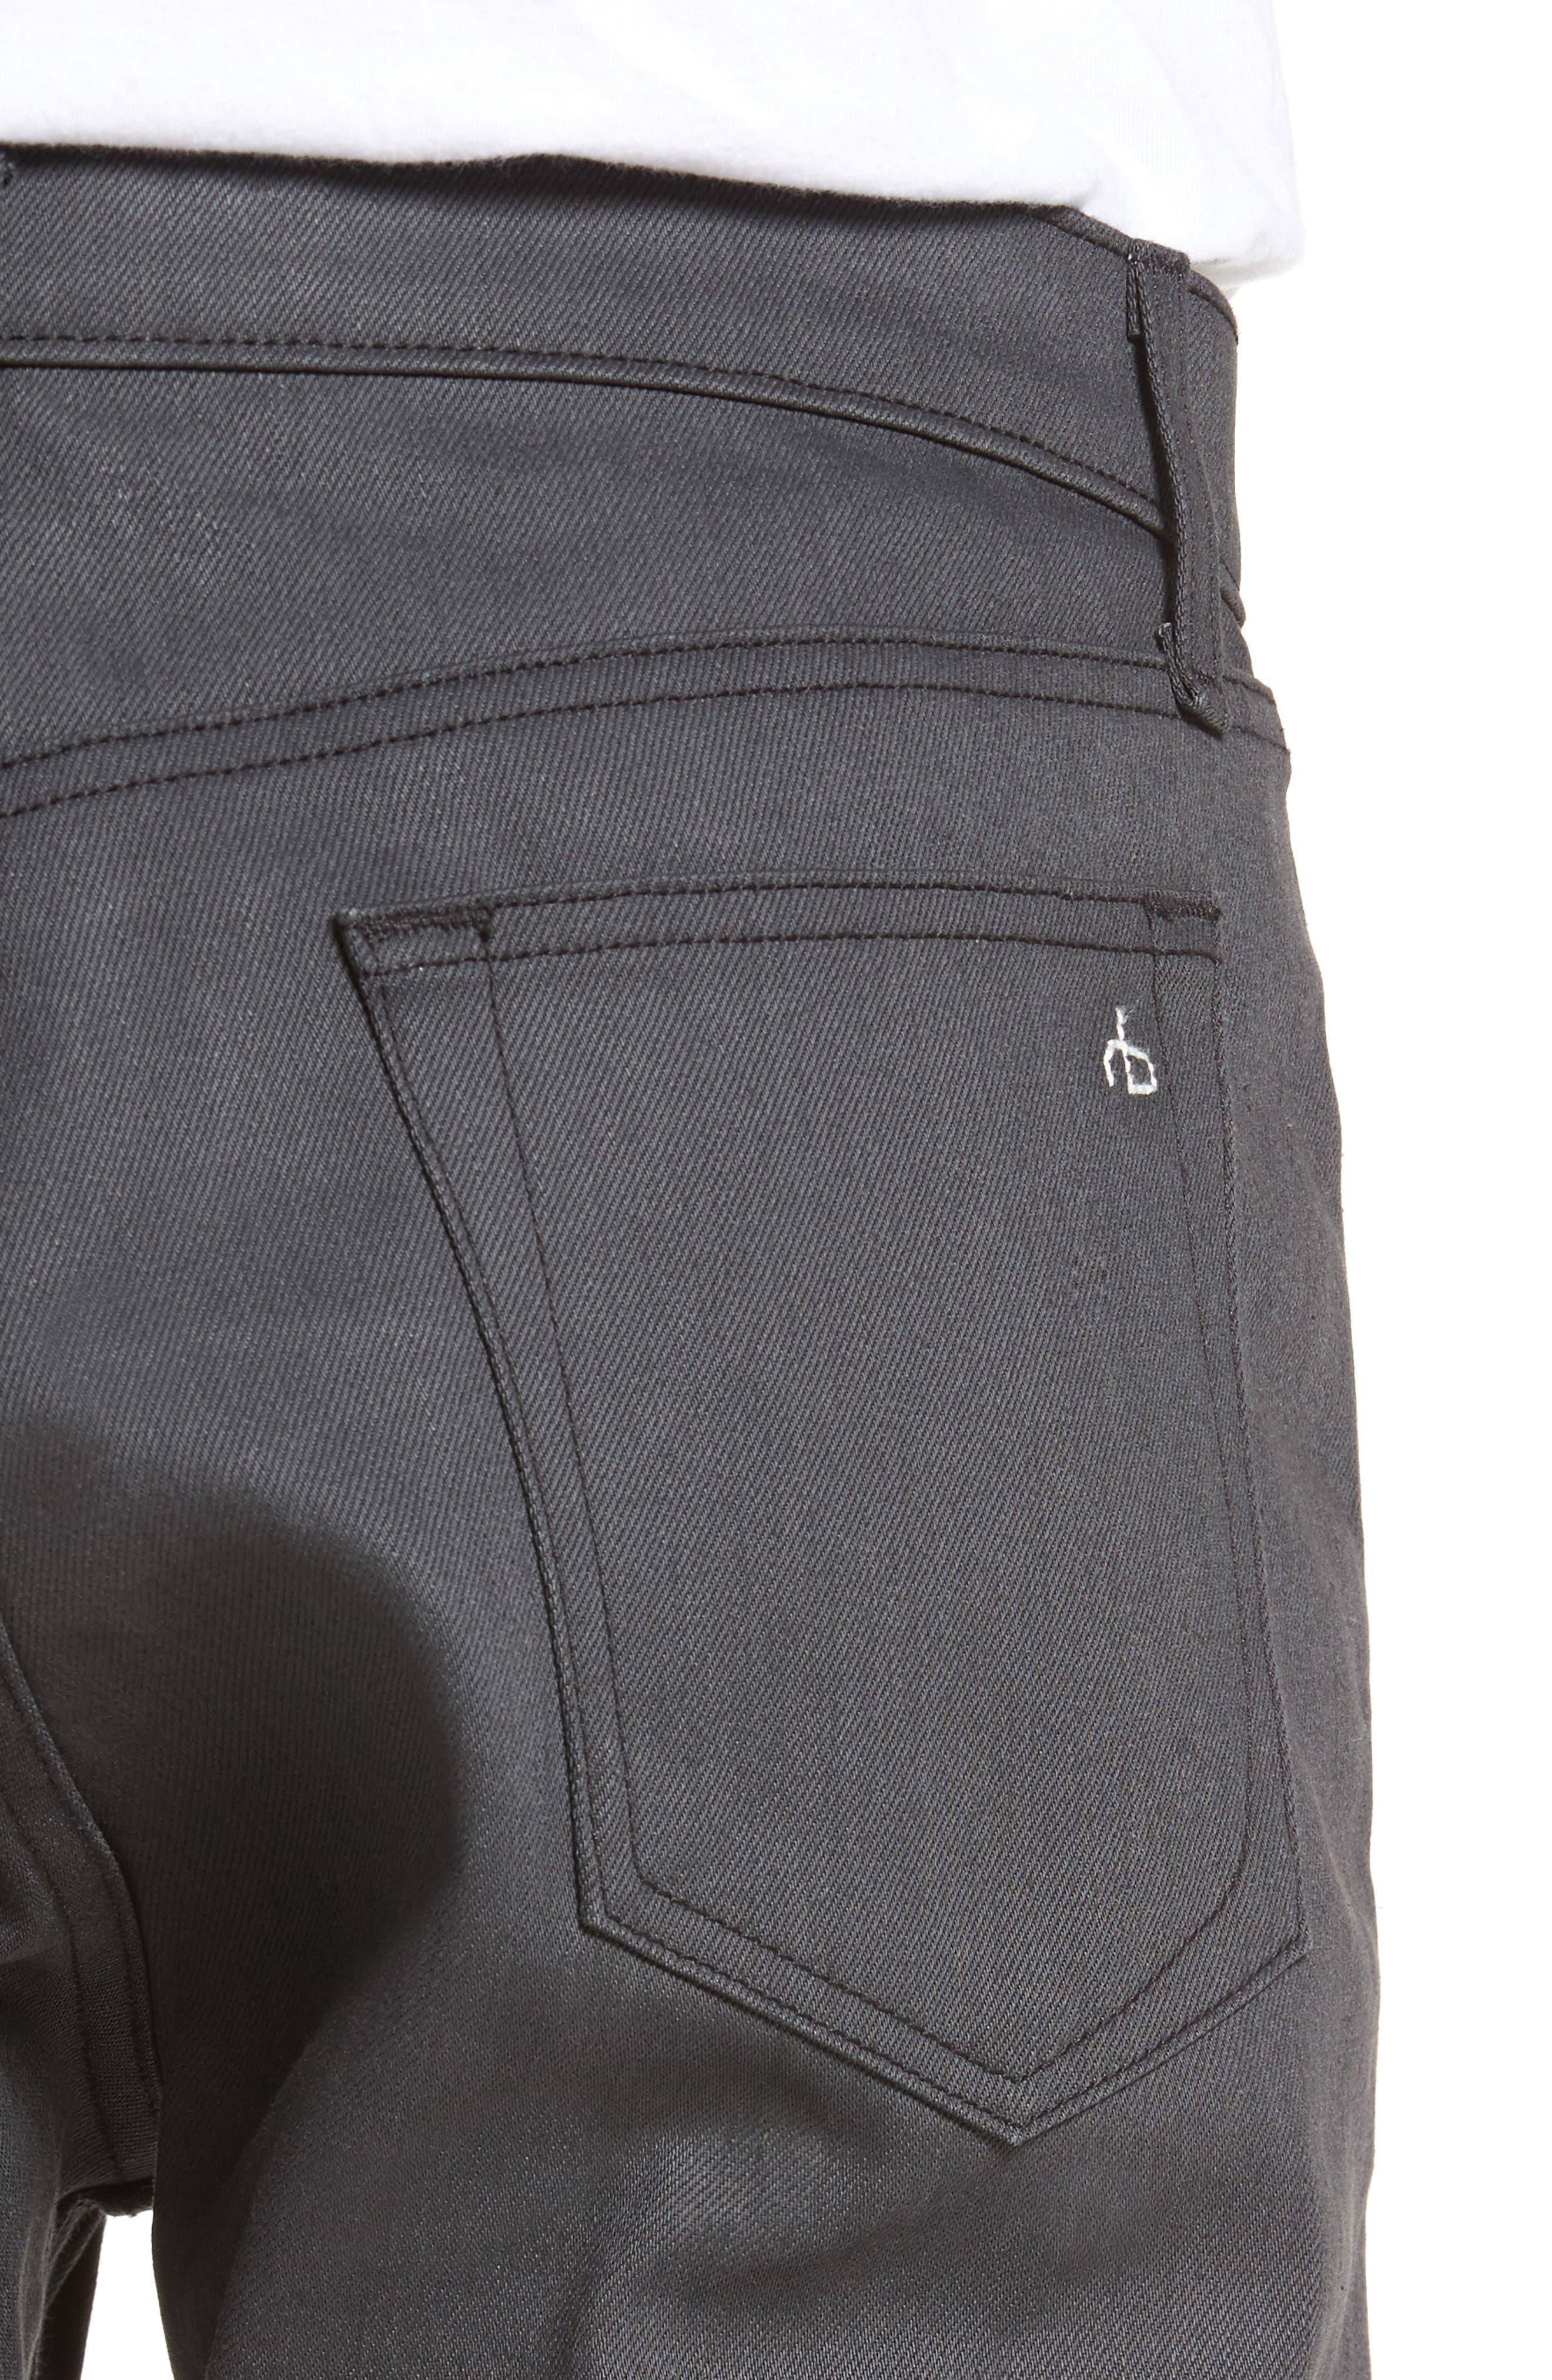 Fit 2 Slim Fit Jeans,                             Alternate thumbnail 4, color,                             002